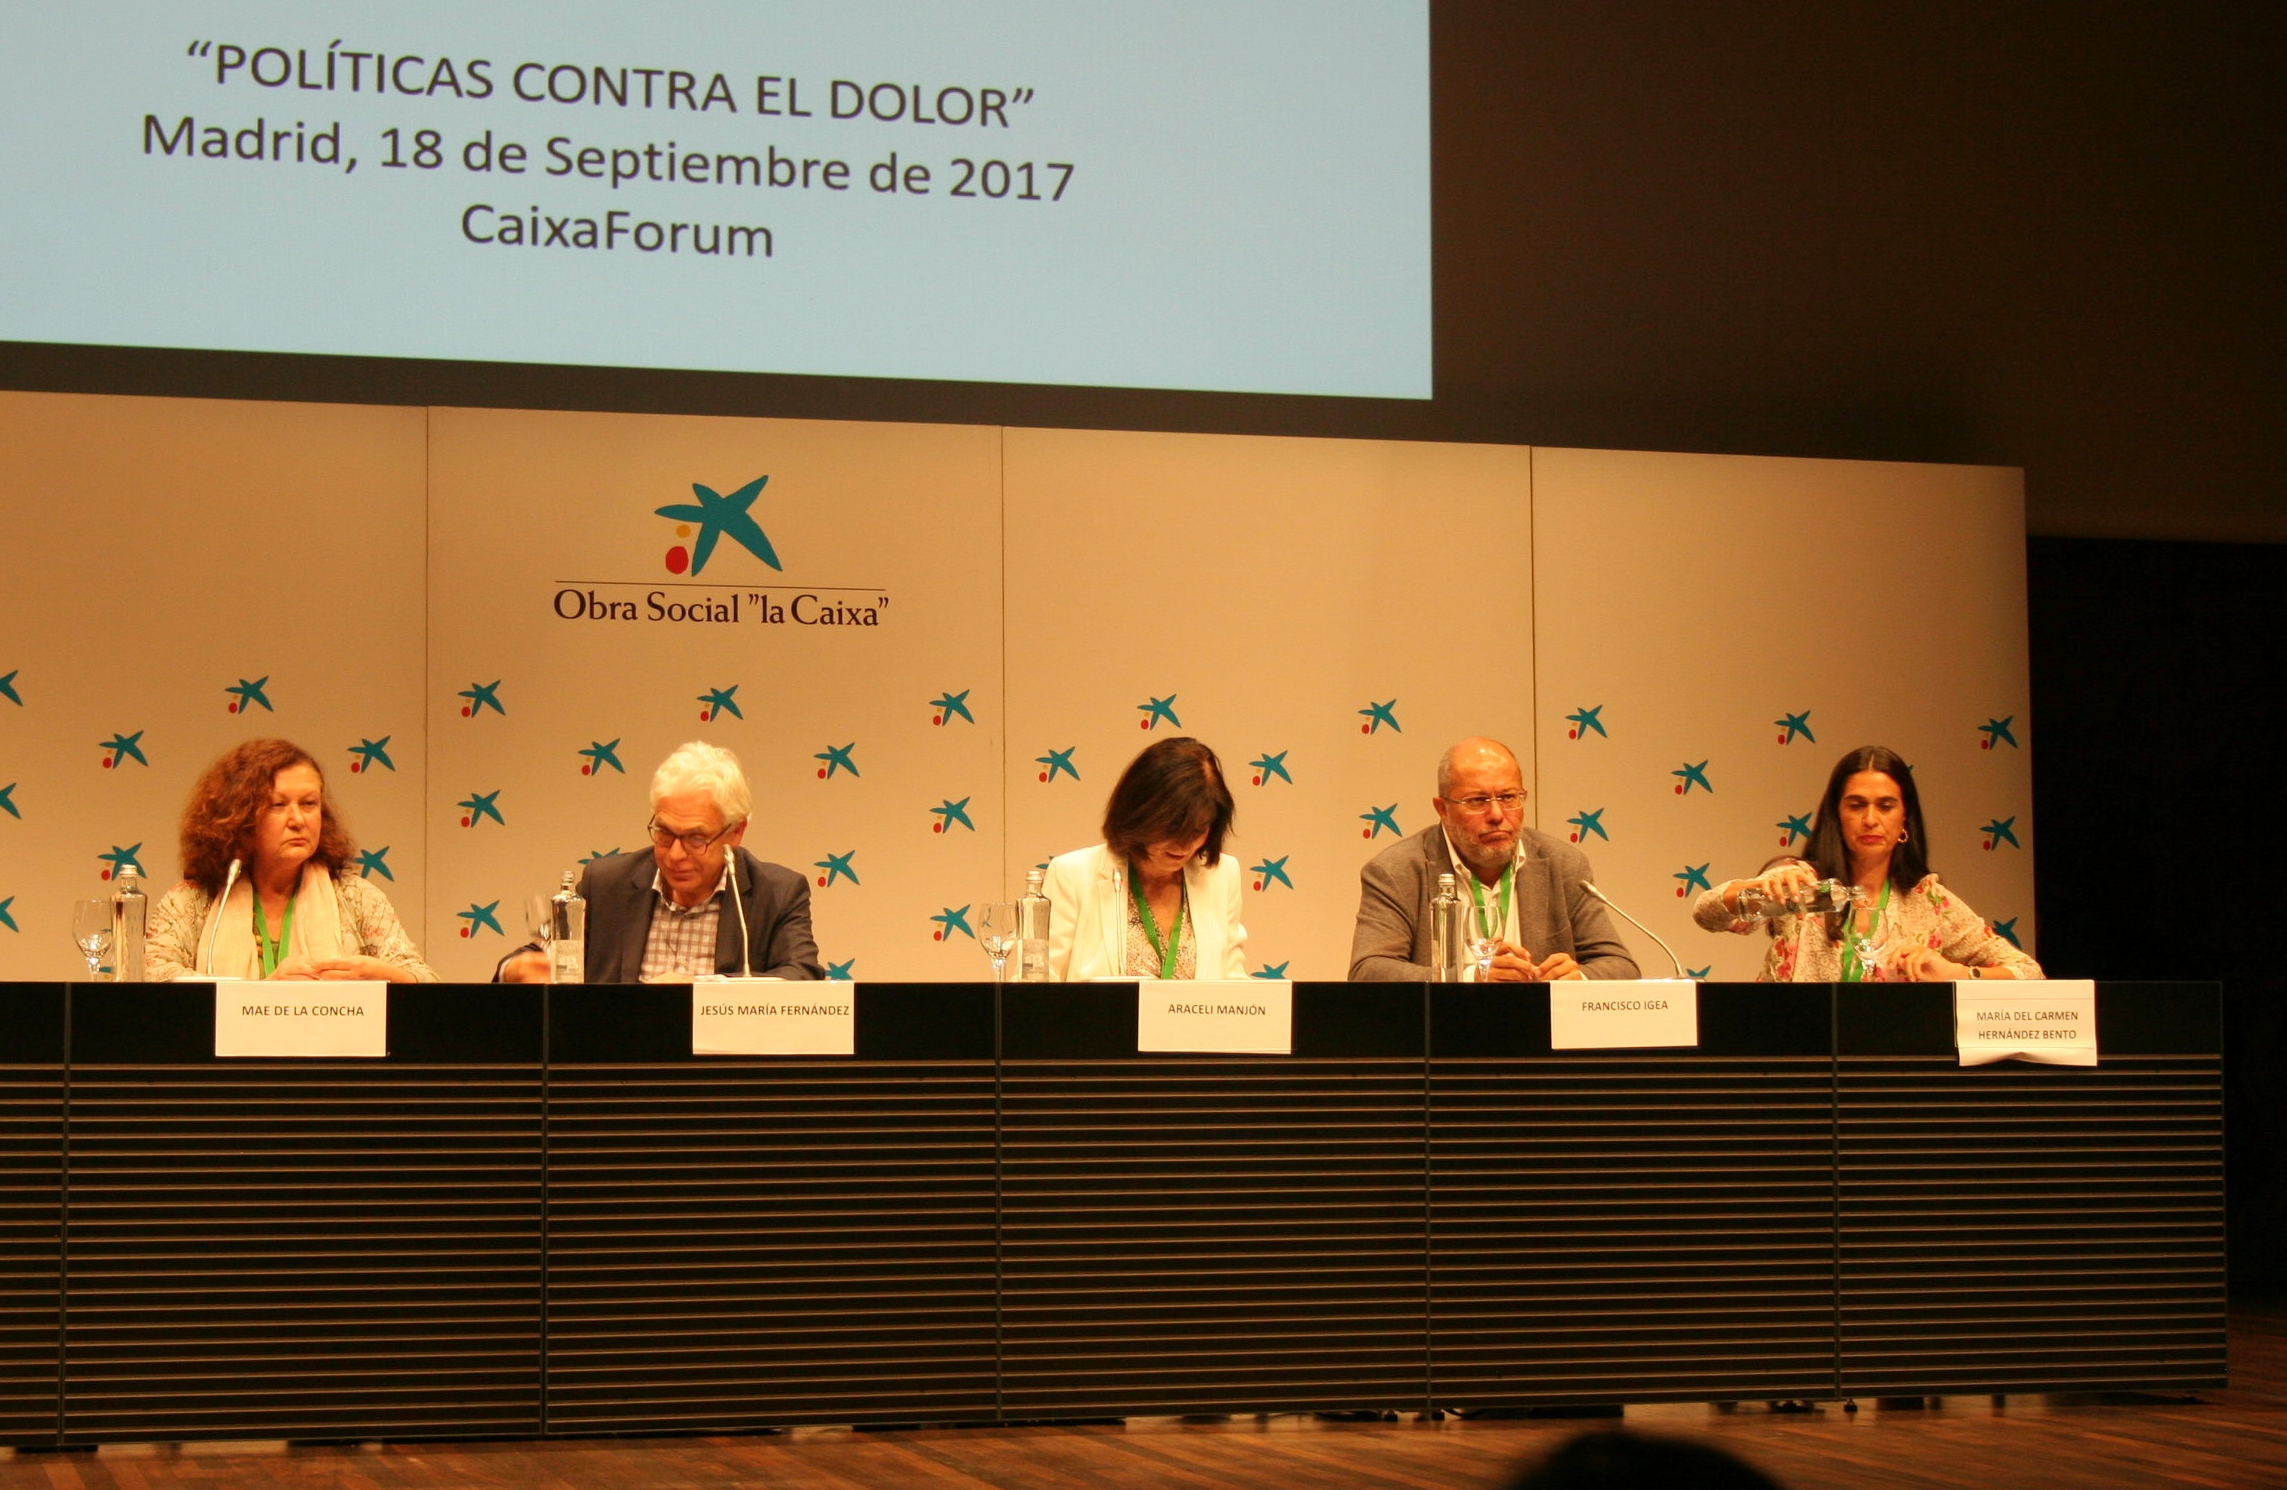 Diputados de las principales formaciones políticas durante el debate presidido por Araceli Manjón.